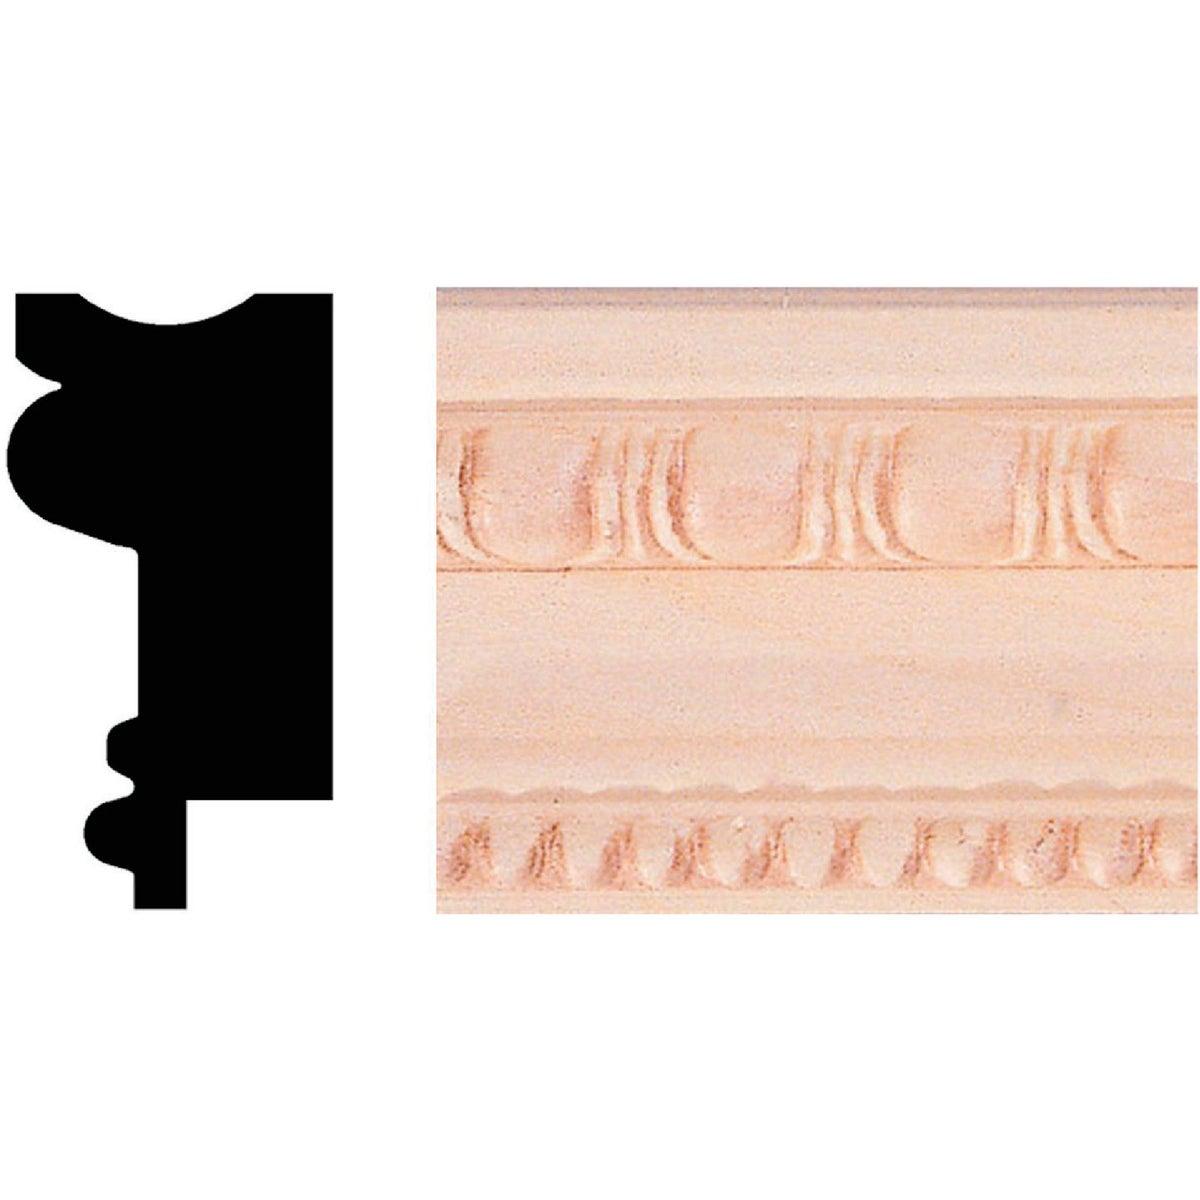 Unfn Pict Frame Moulding